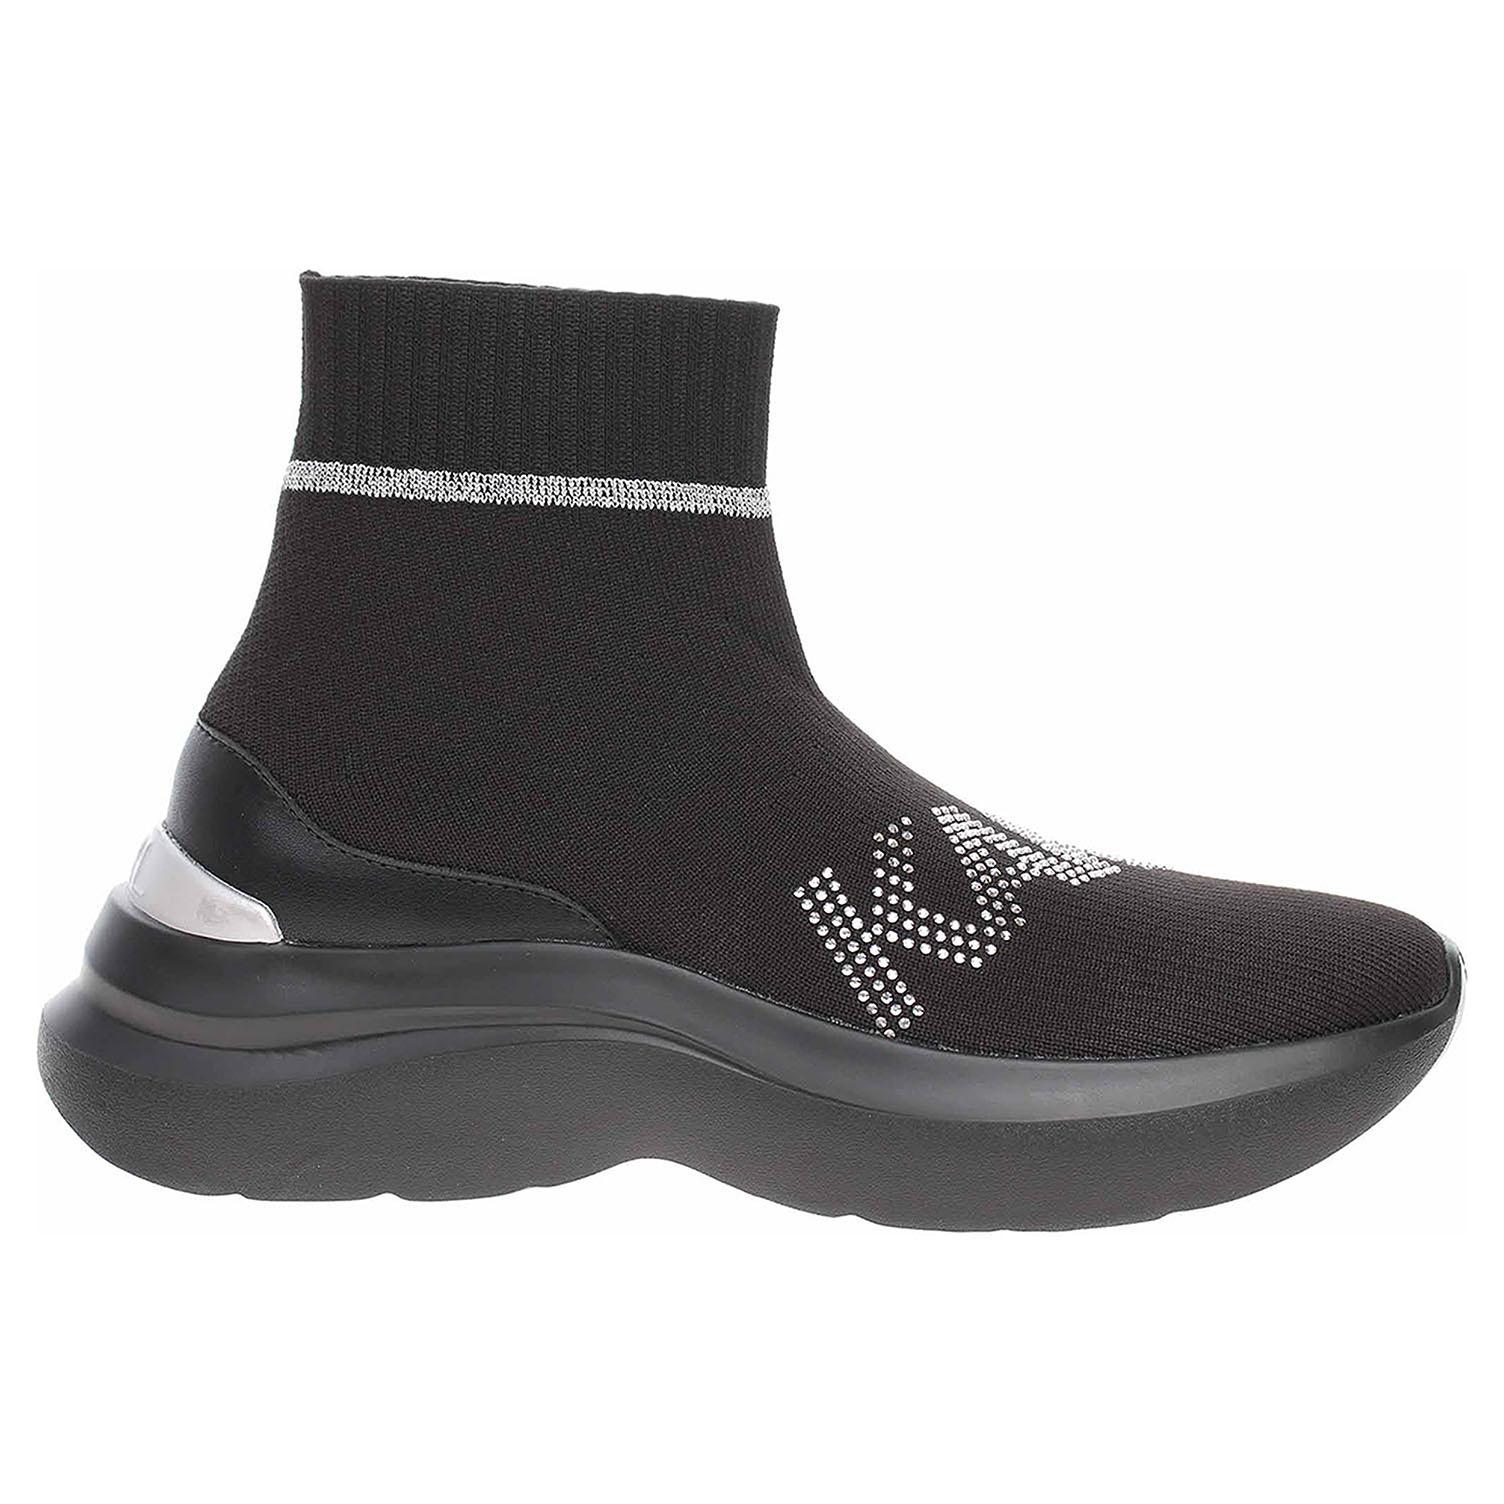 Dámská kotníková obuv Karl Lagerfeld KL61855 K0S black knit KL61855 K0S 39